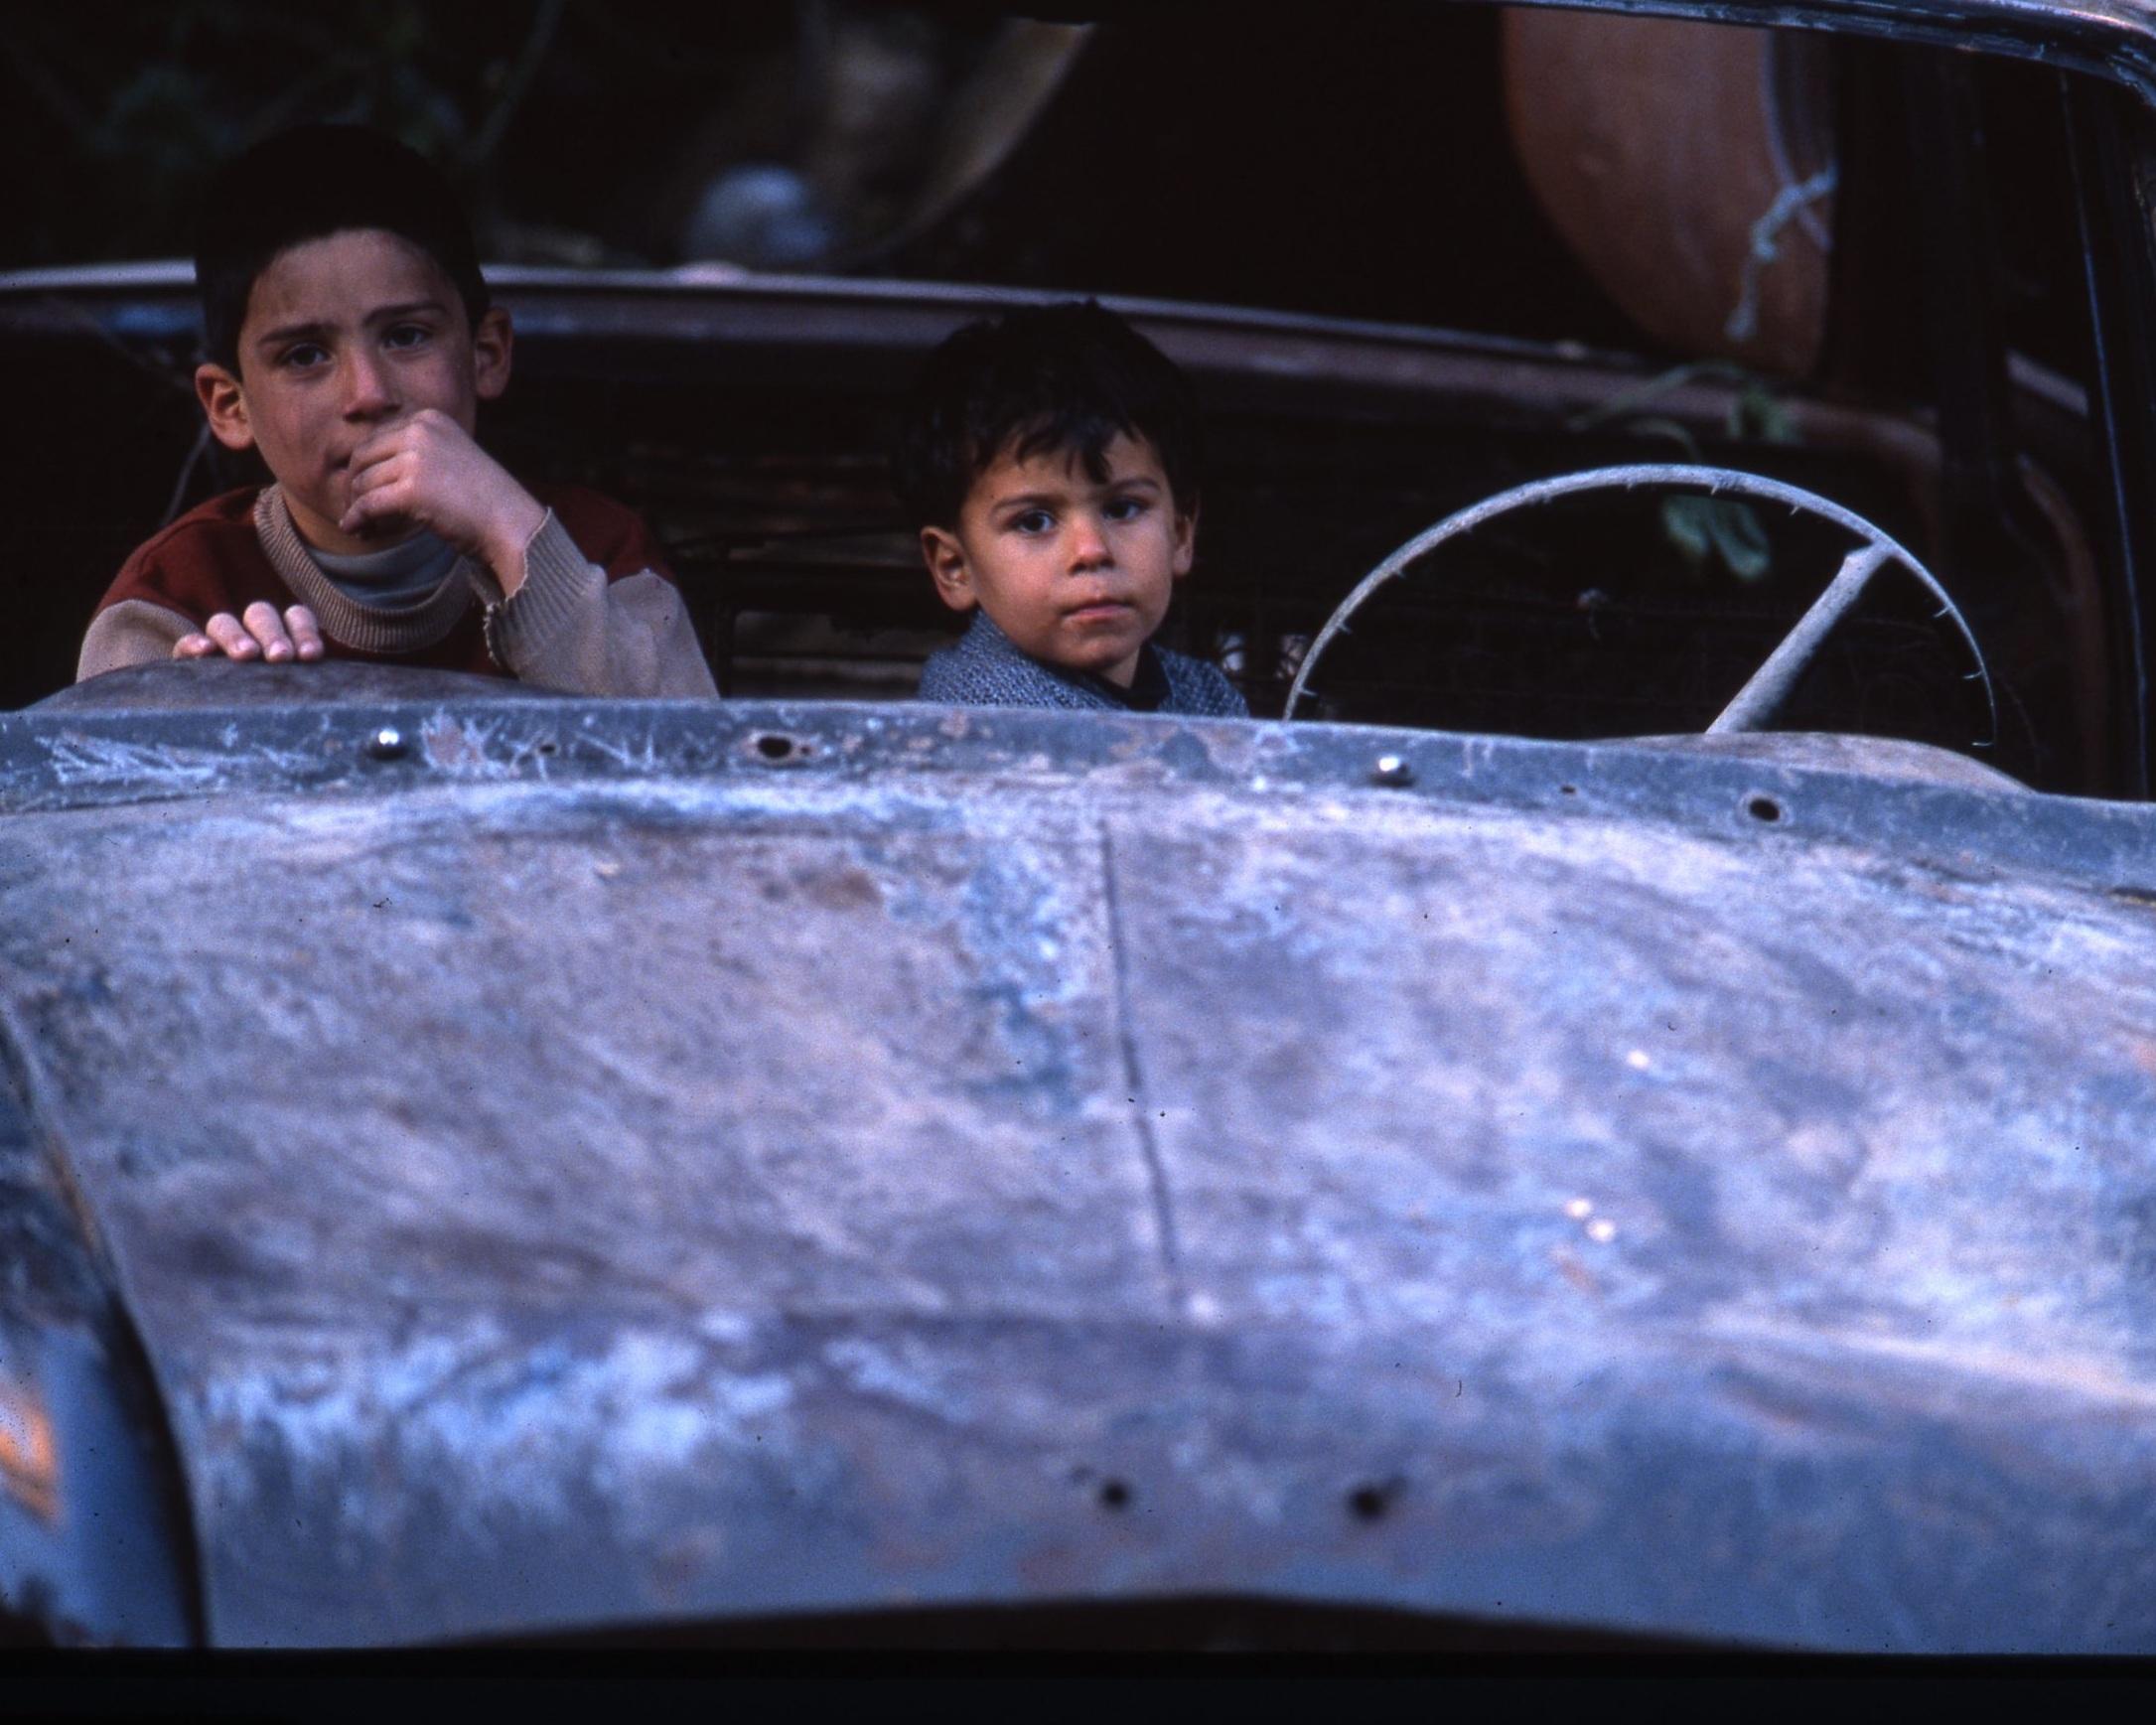 lebanon- boys in car1.jpg